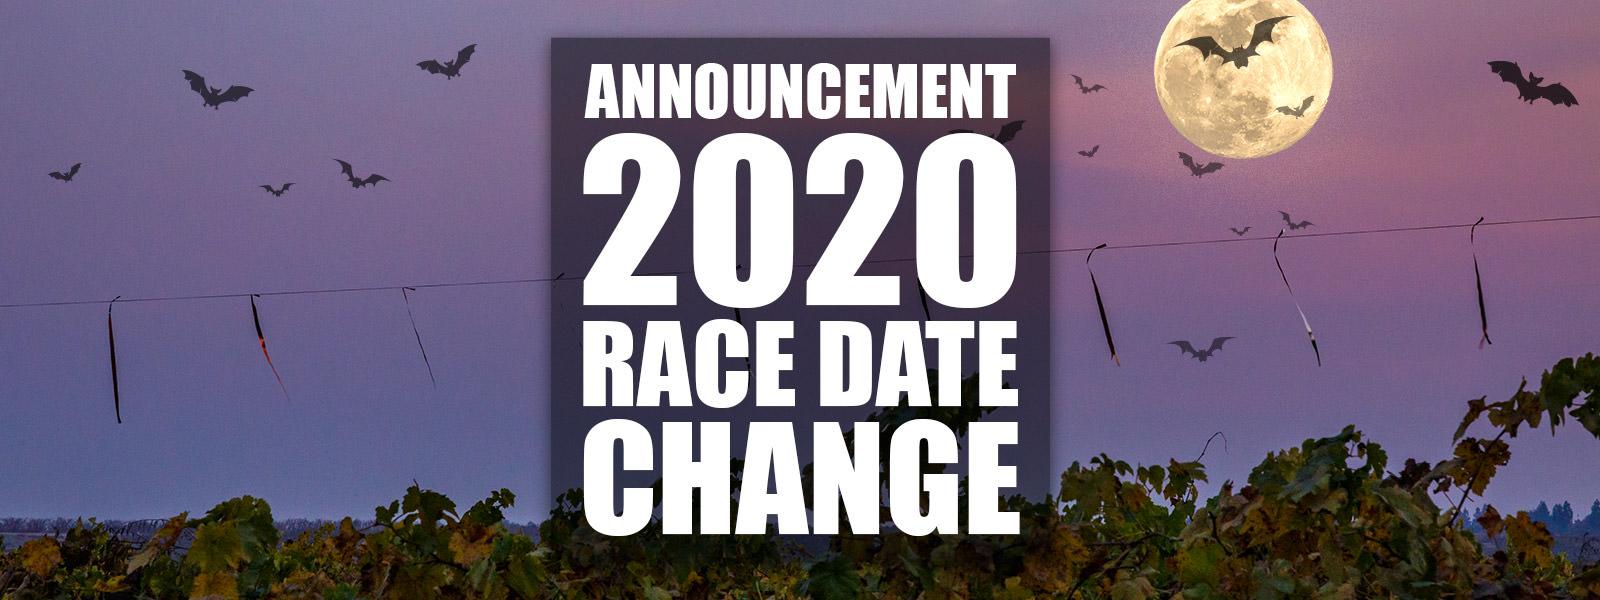 2020 RACE DATE CHANGE